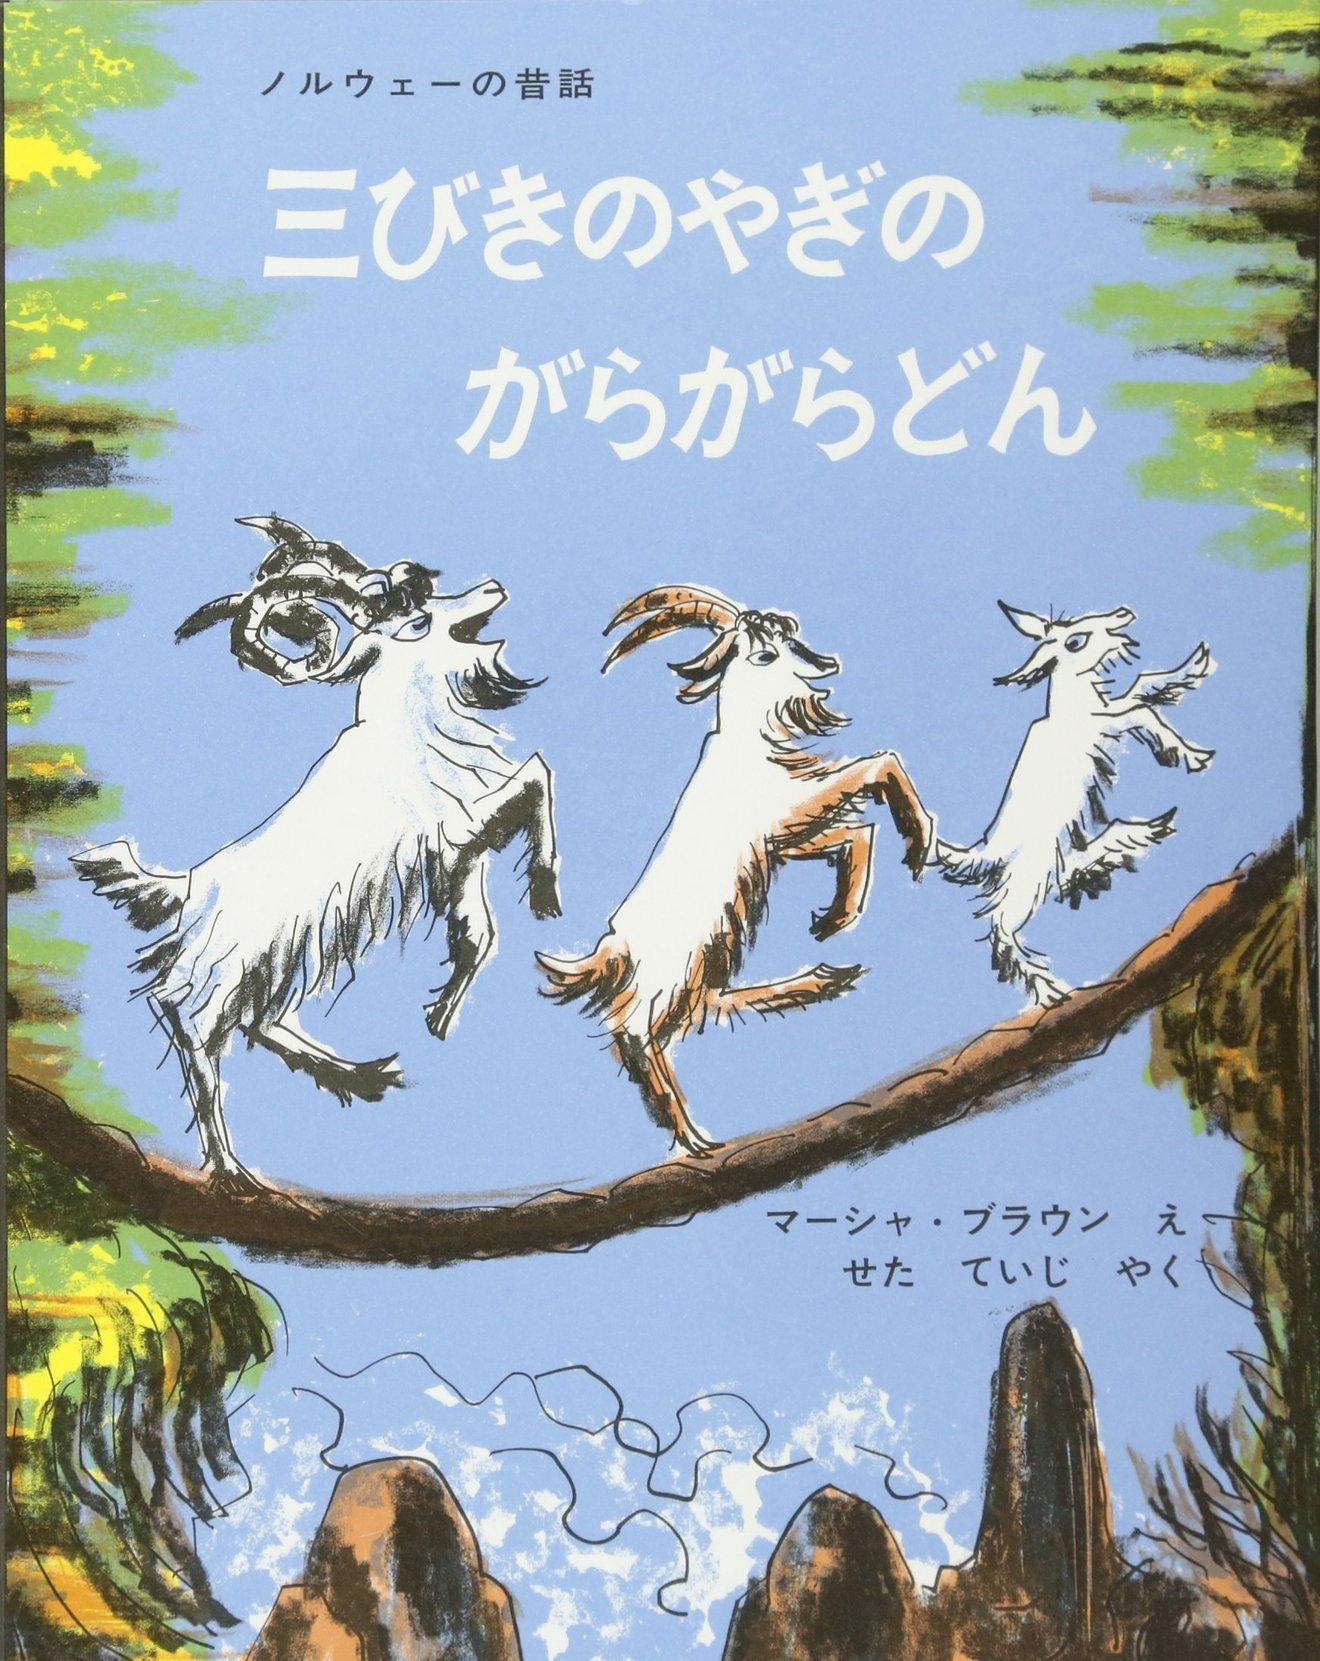 『三びきのやぎのがらがらどん』と「トトロ」の関係は?教訓や魅力も紹介!